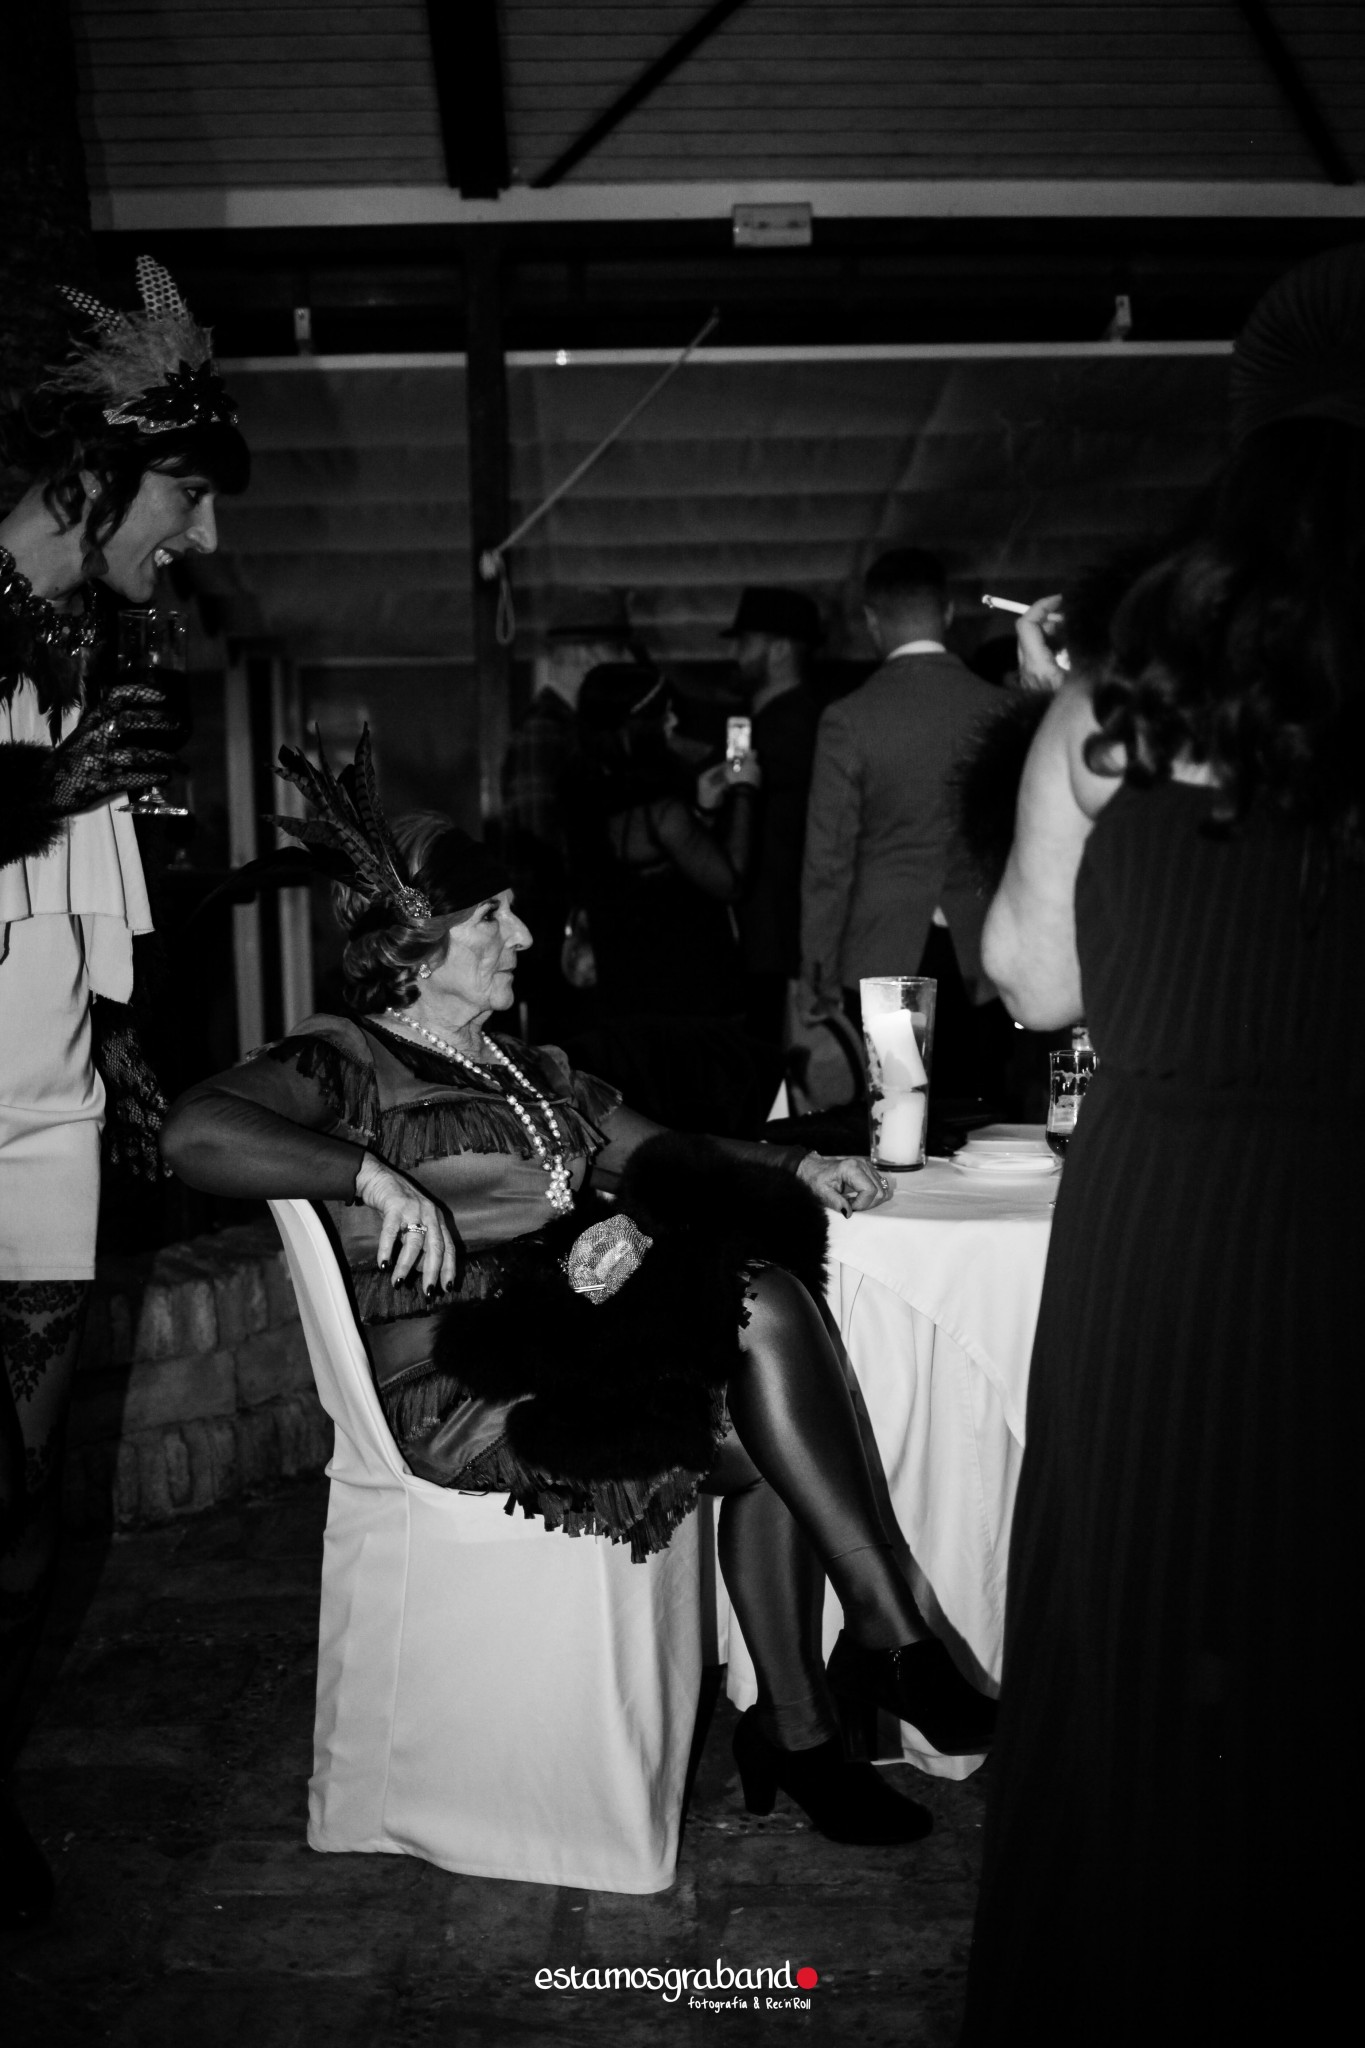 Años-20-BBTP-41-de-109 Los locos Años 20 [Fotografía en La Teta de Julieta, Cádiz] - video boda cadiz